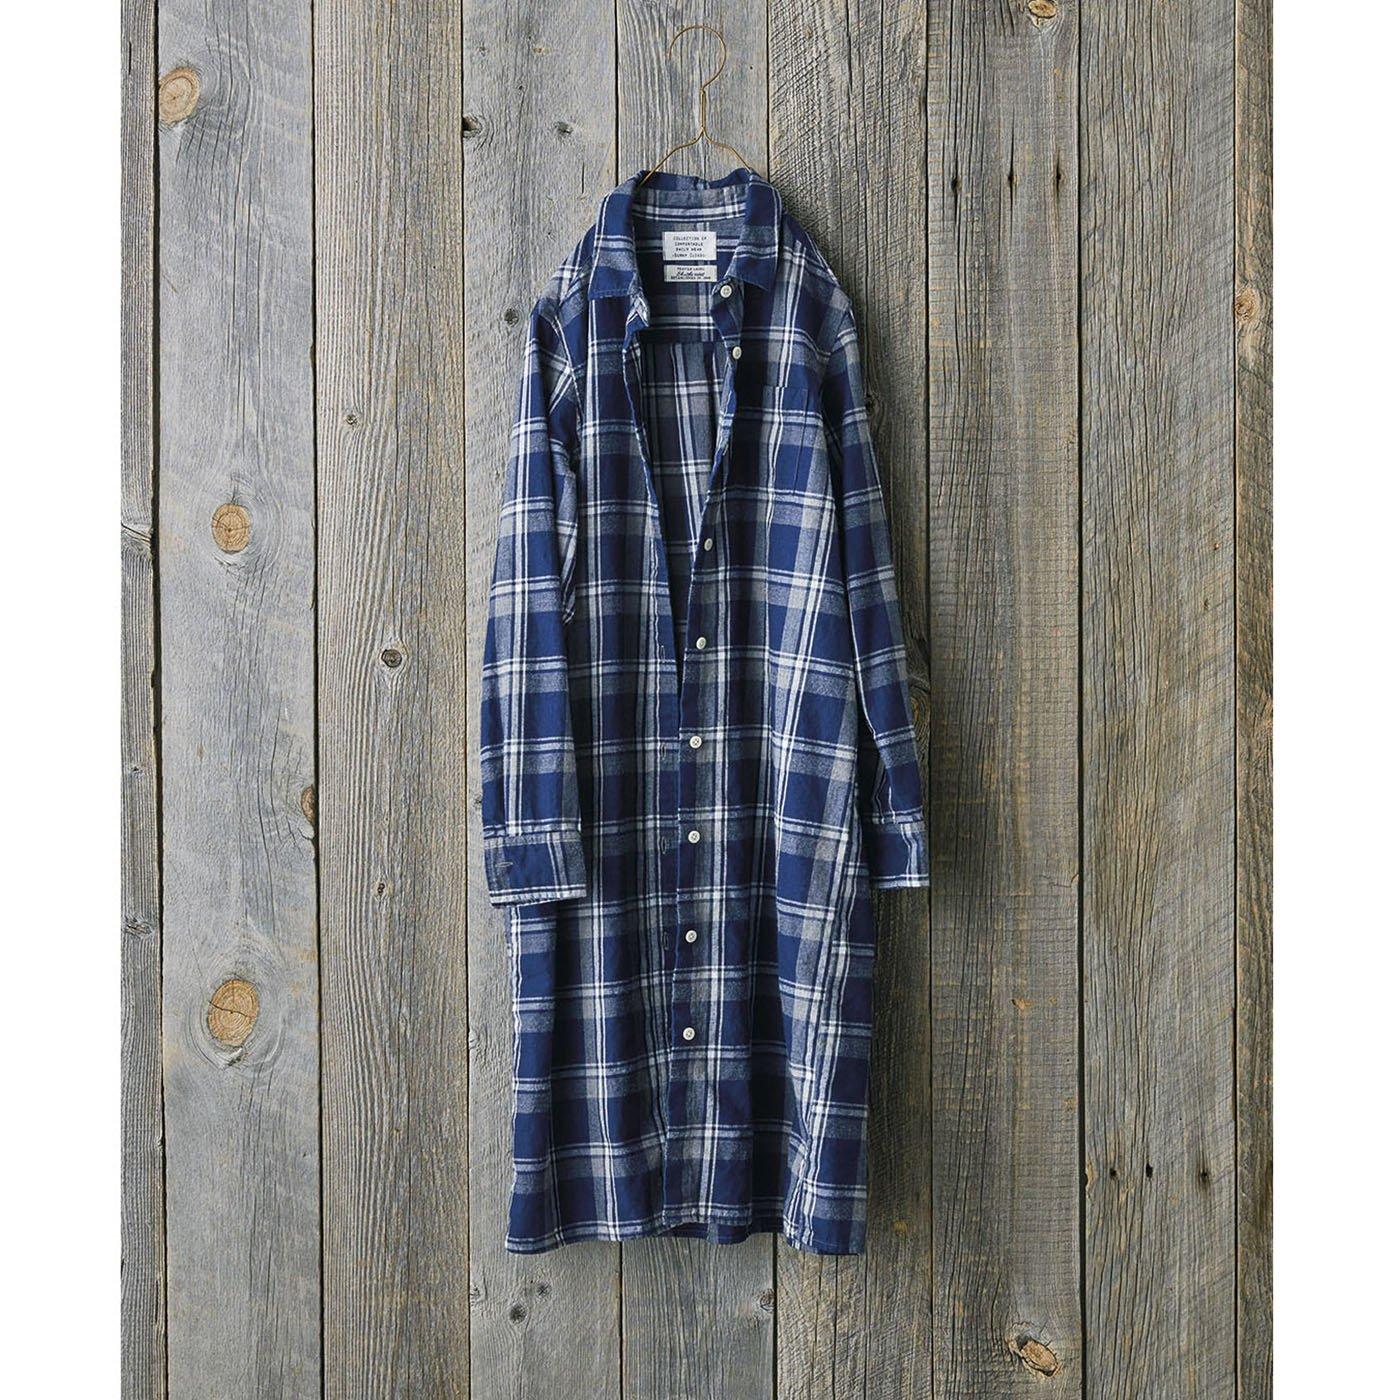 サニークラウズ 蚤ノ市で見つけたシャツコートワンピース〈レディース〉紺に白とグレー